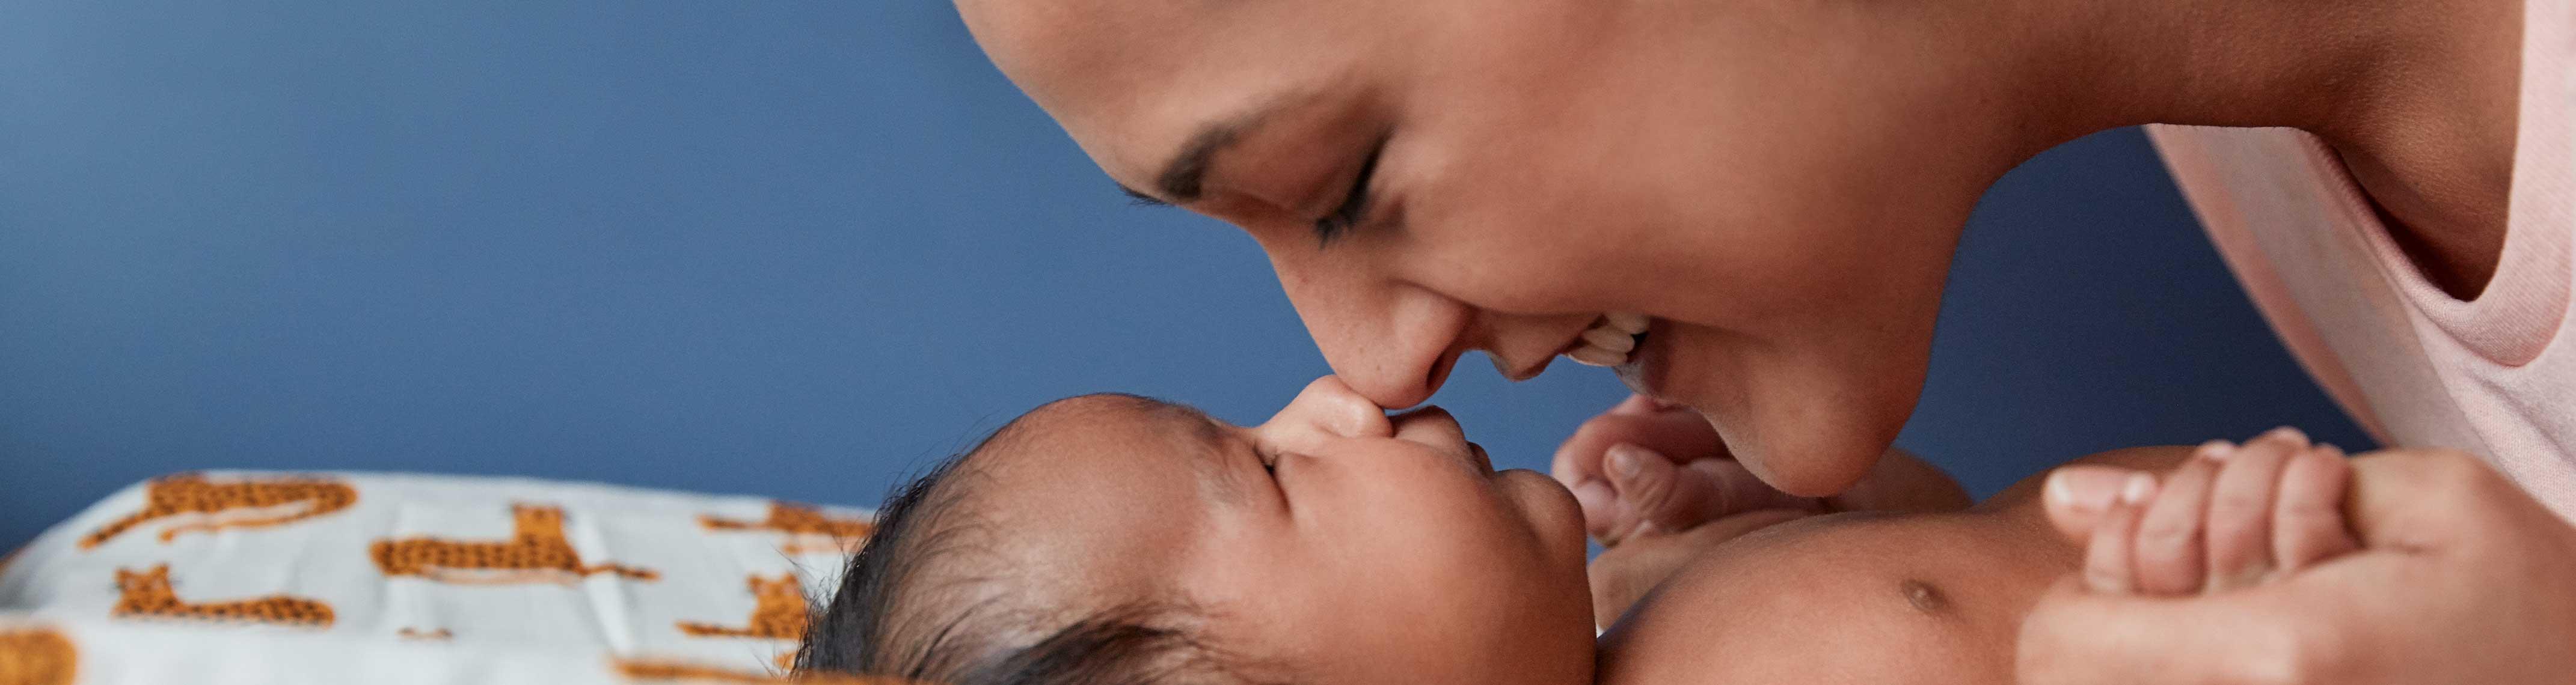 Mamá y recién nacido tocando nariz con nariz